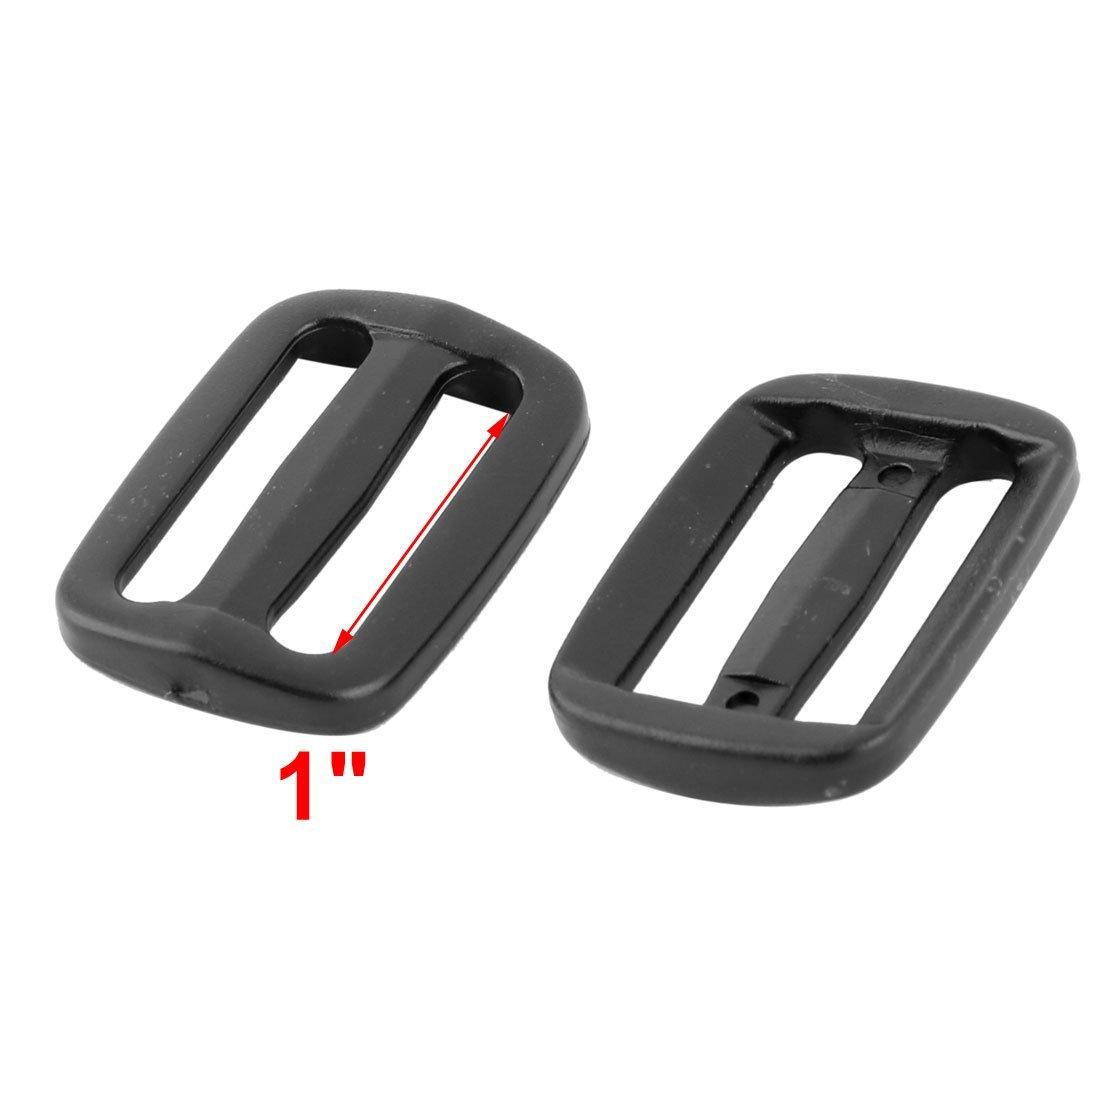 EbuyChX Plastic Travel Backpack Belt Strap Tri Glide Slide Adjustable Buckle 12pcs Black